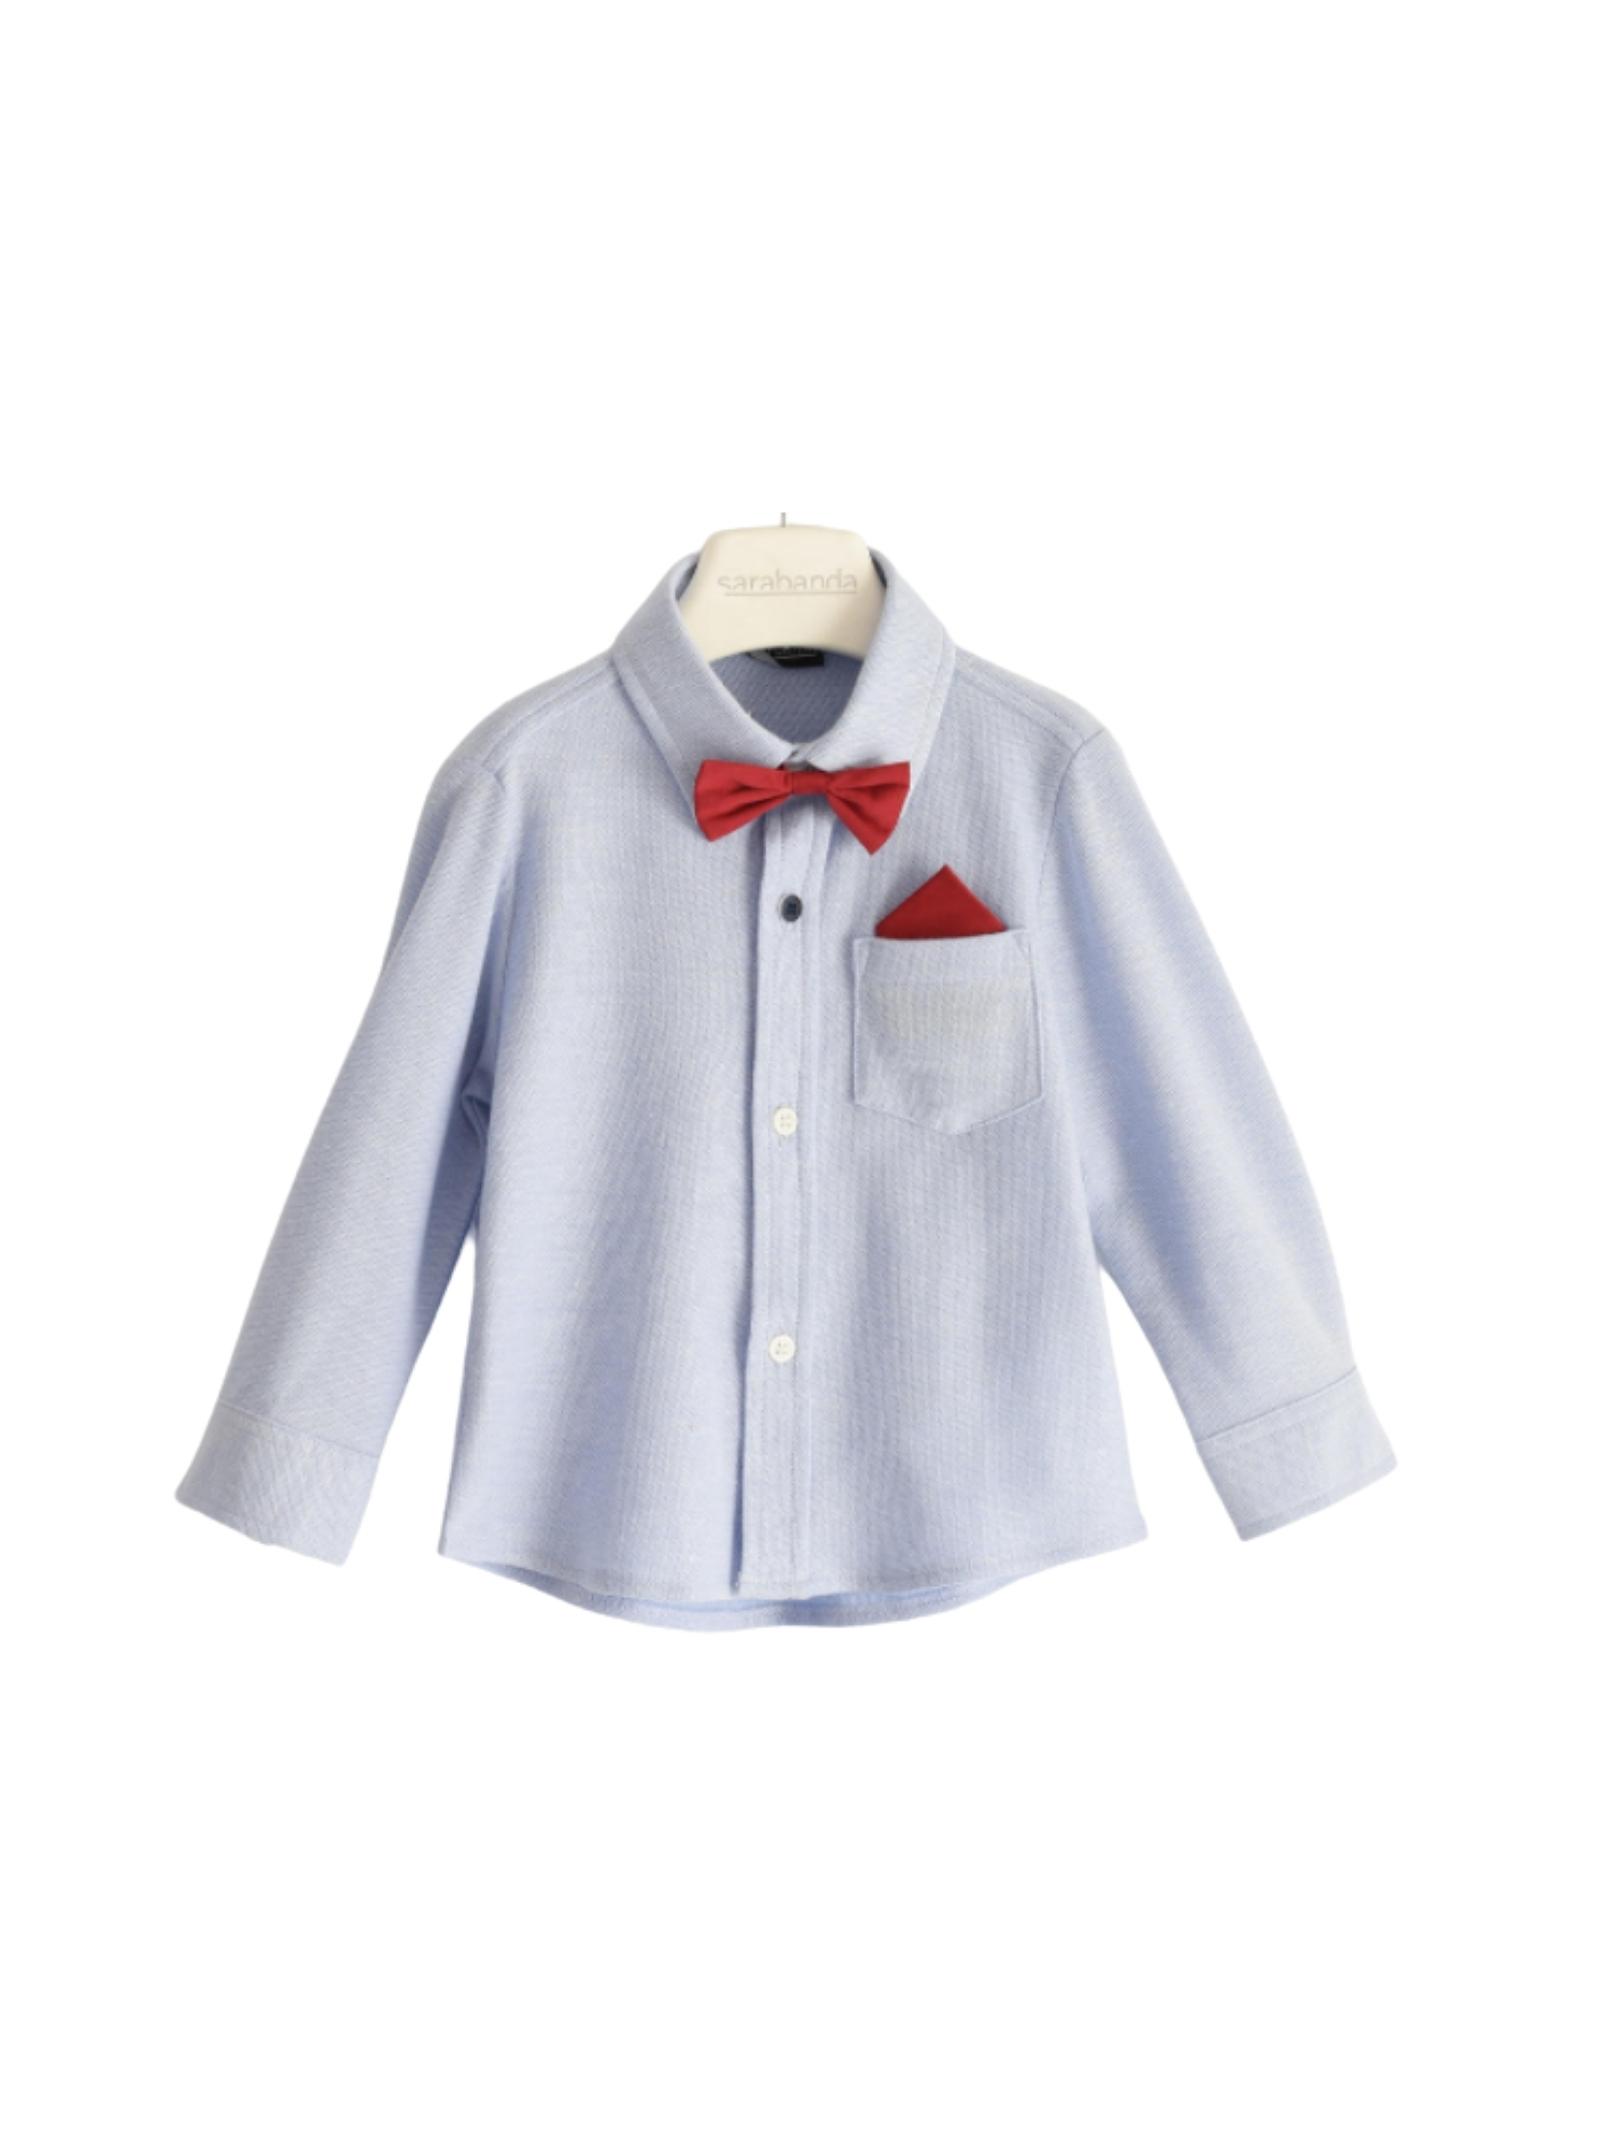 Elegant Boy shirt SARABANDA |  | 01114003621